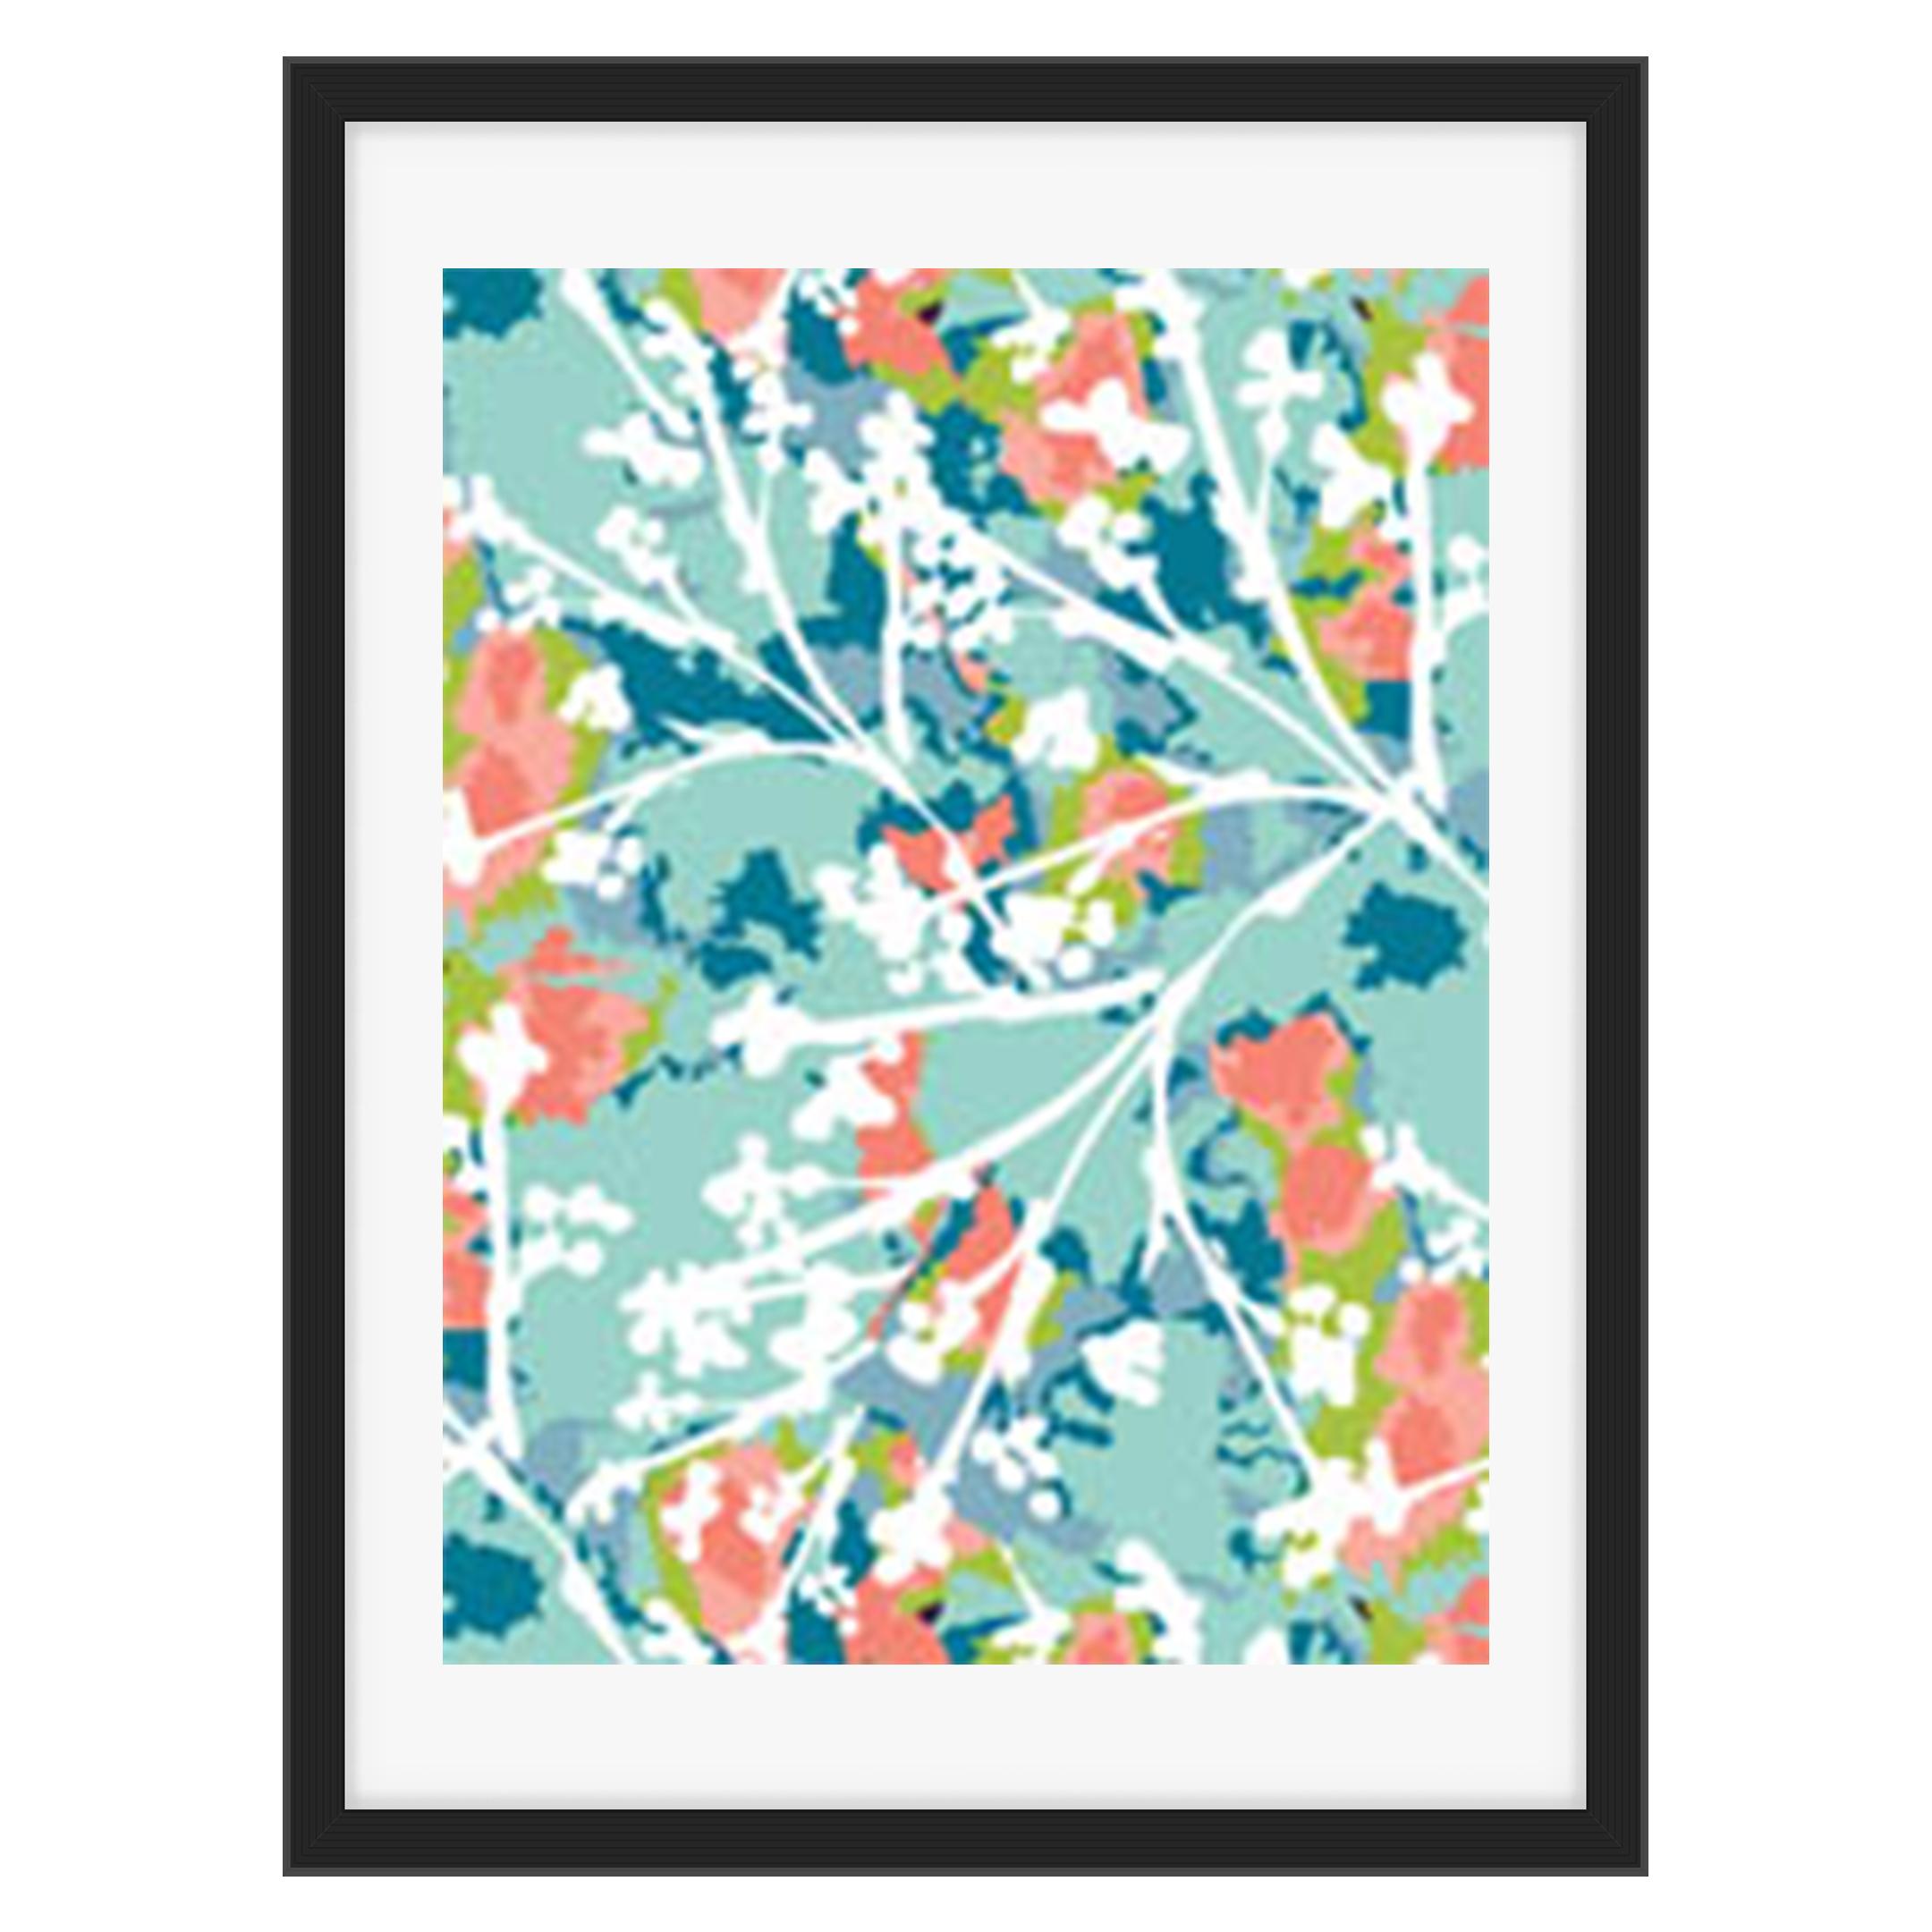 Sue C. Brown- Textile Art Prints- simple flower outline pattern